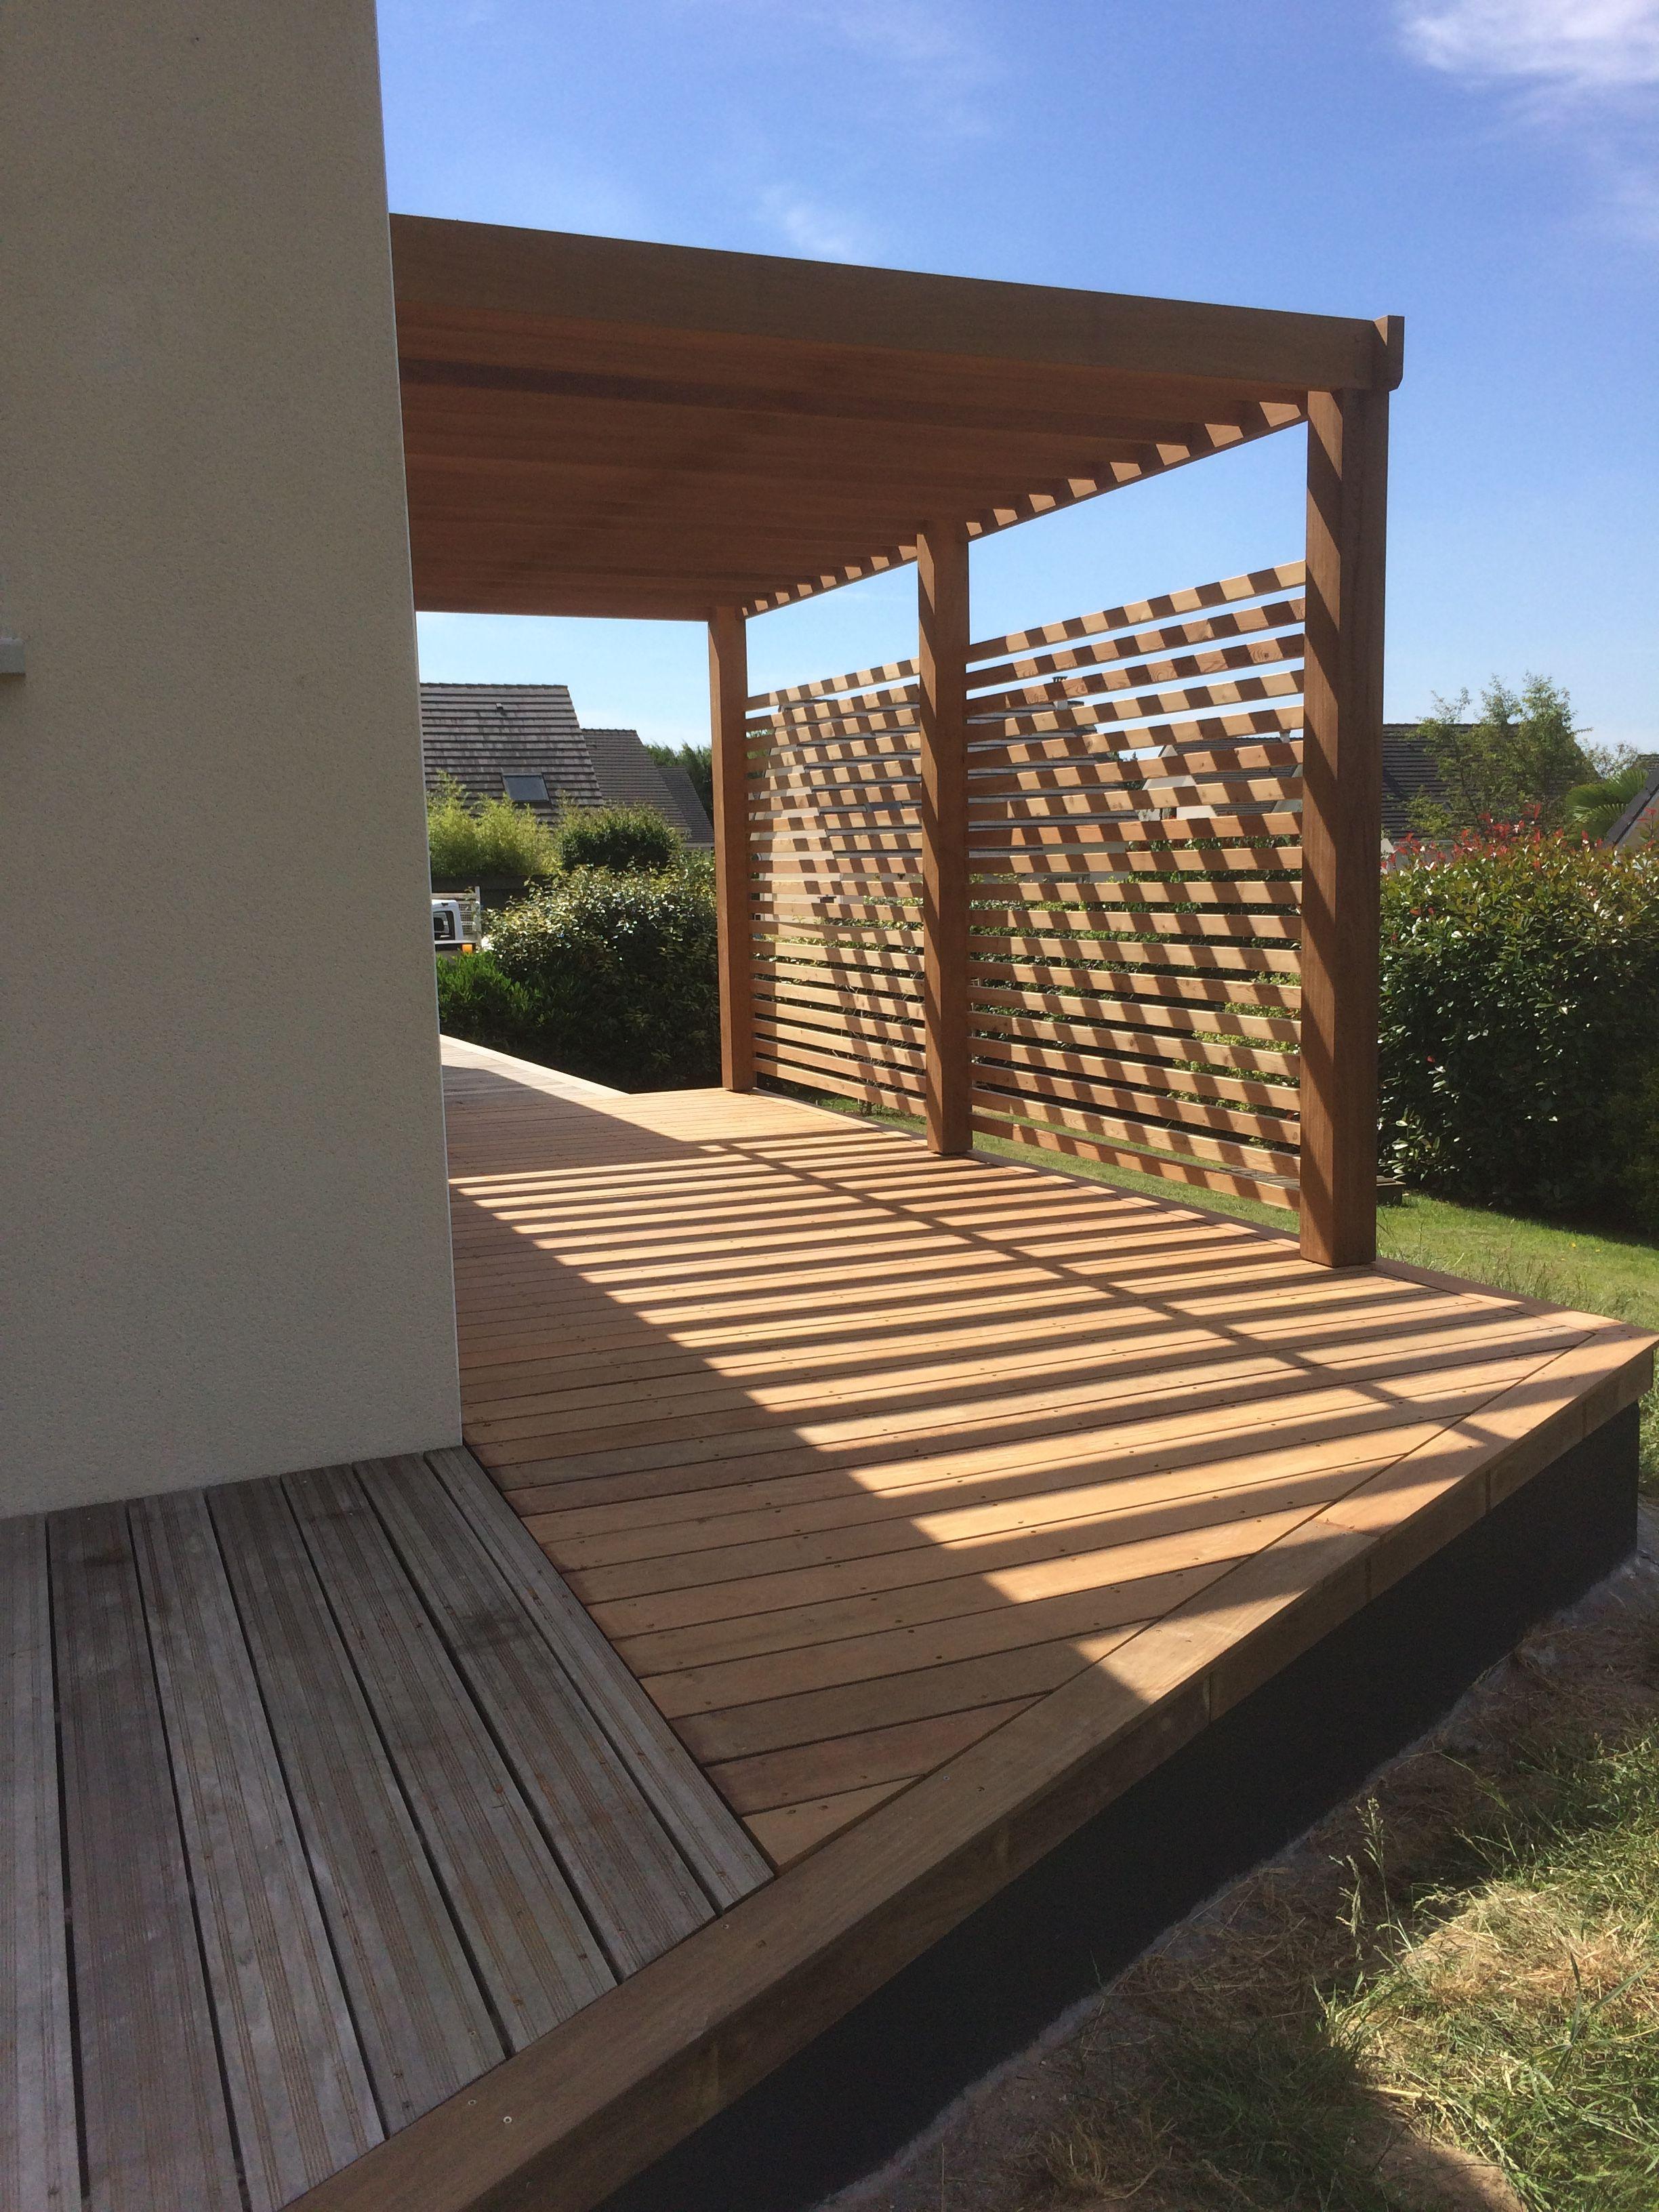 Pesqueux Charpente Amenagement Jardin Devant Maison Pergola Dans Le Jardin Terrasse Jardin Bois